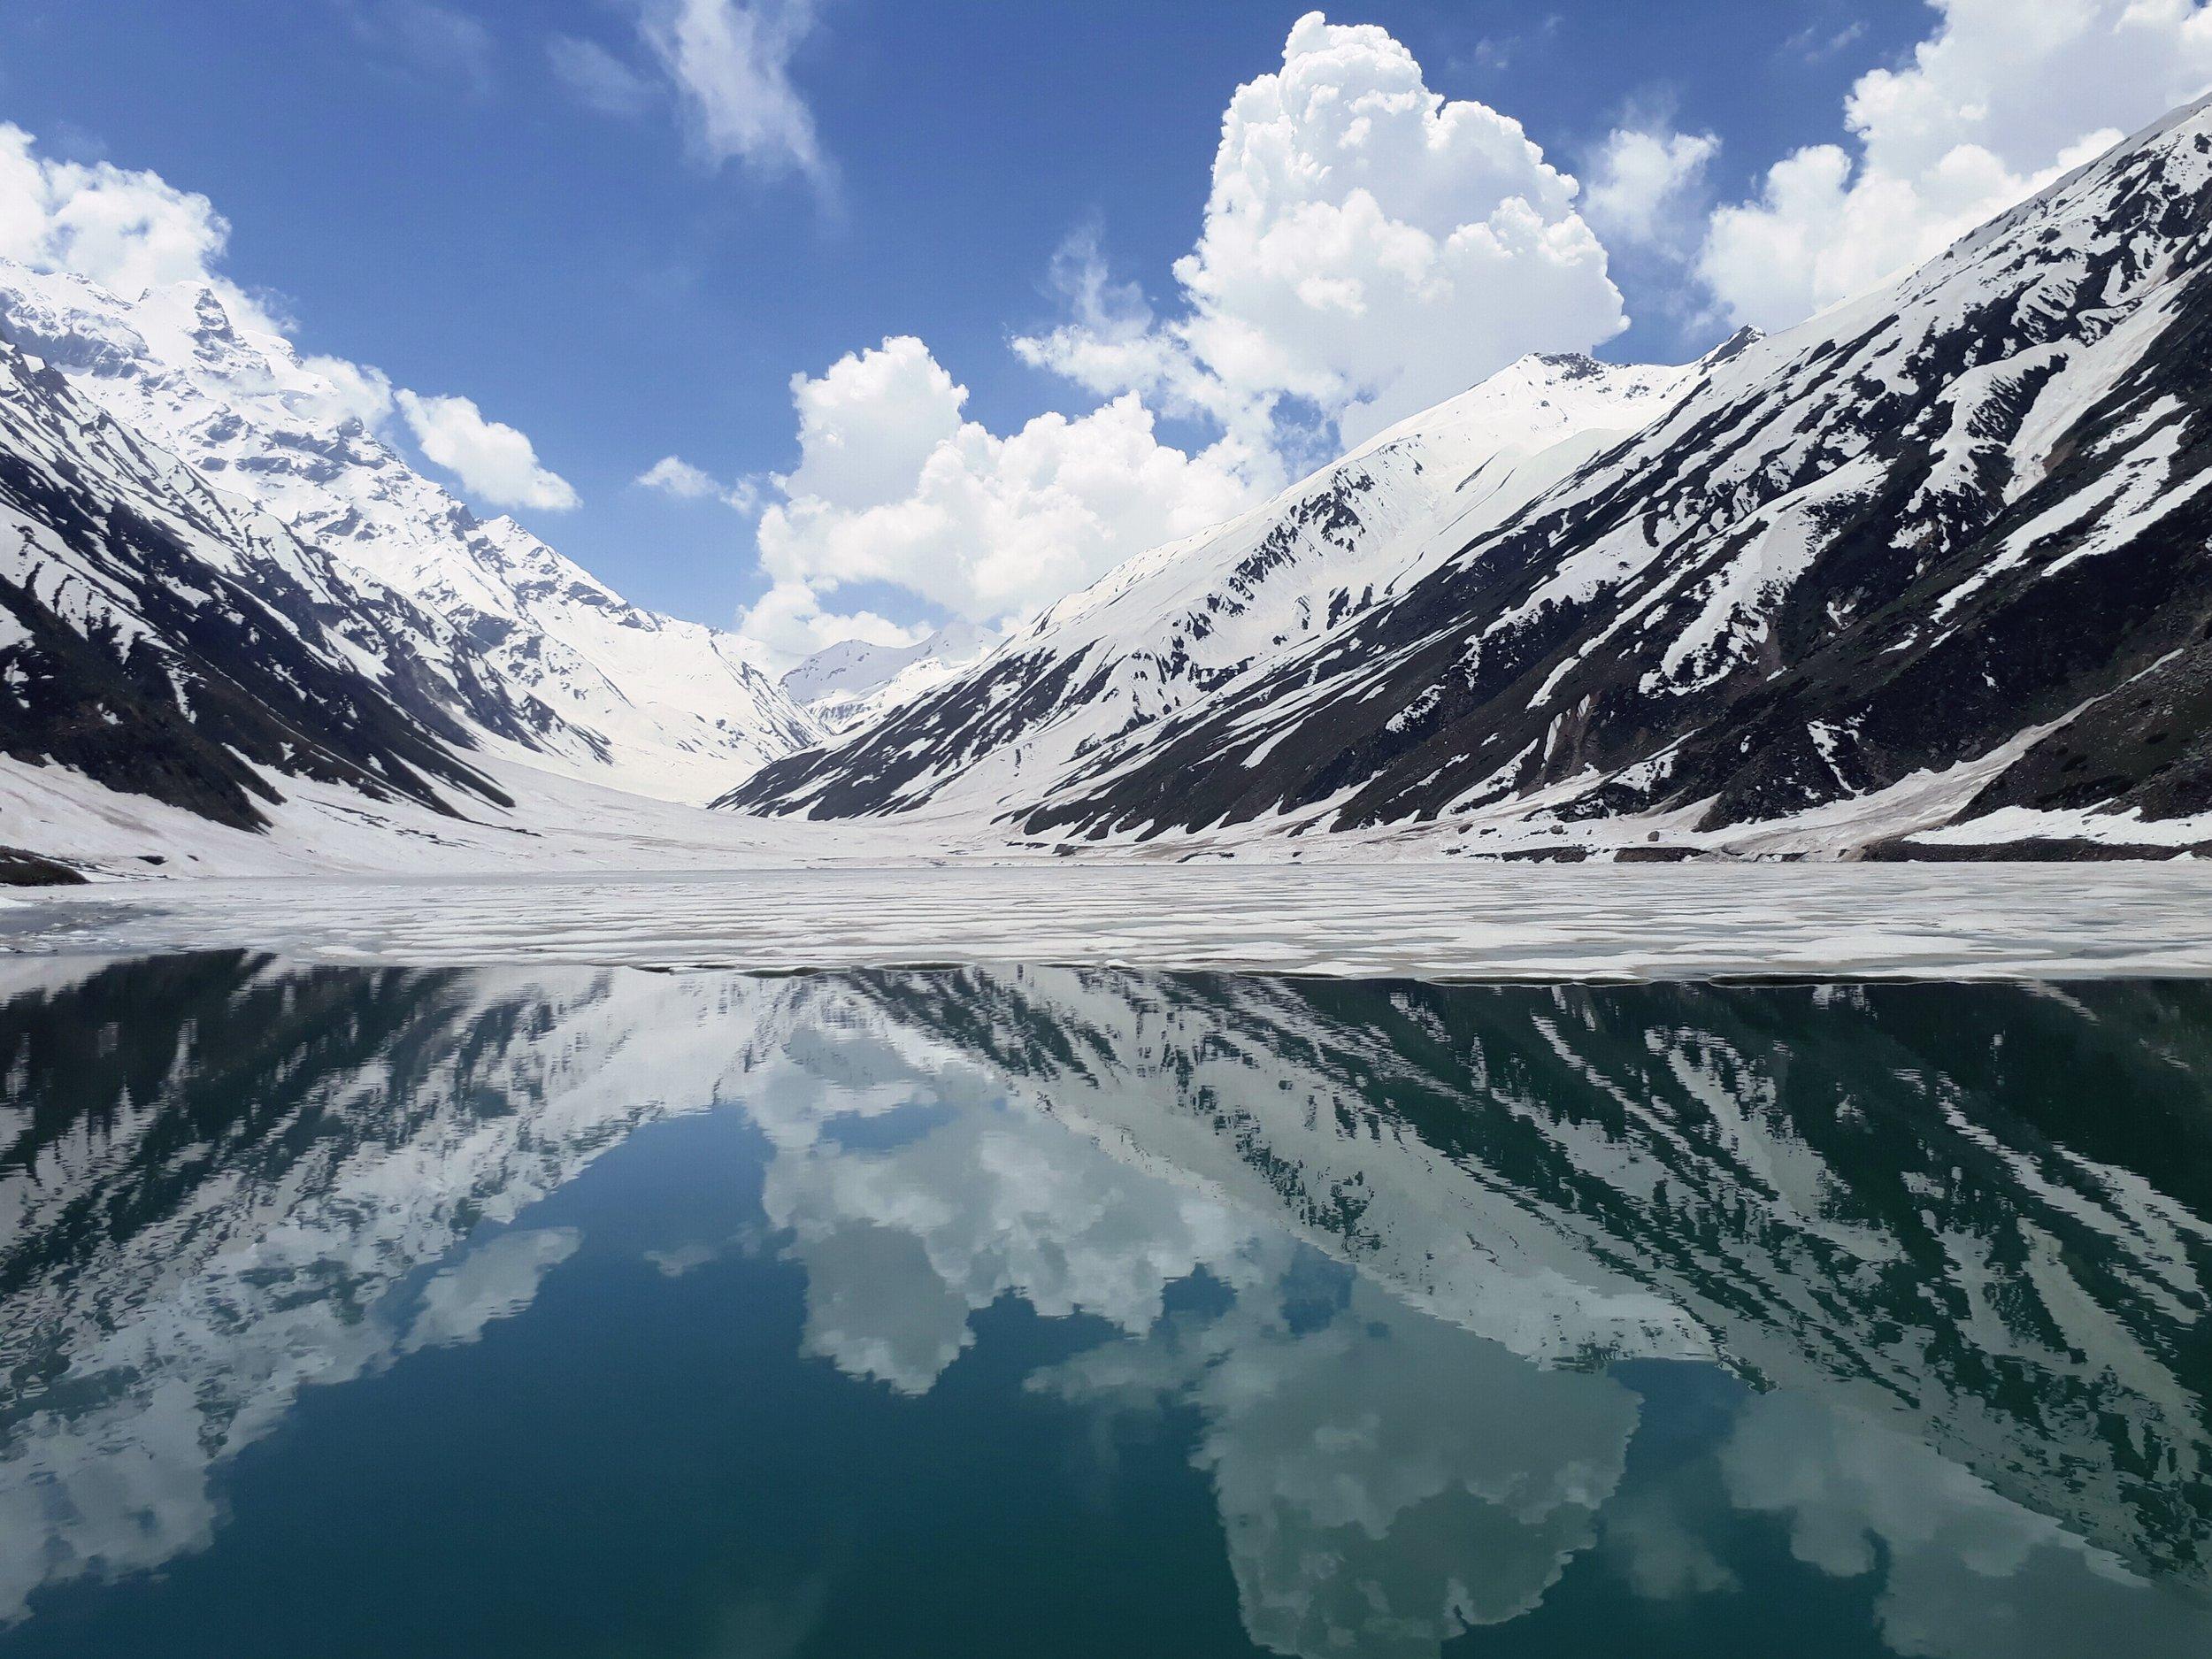 Lake Saif-ul-Mulook (Photo by Mughees Tufail)